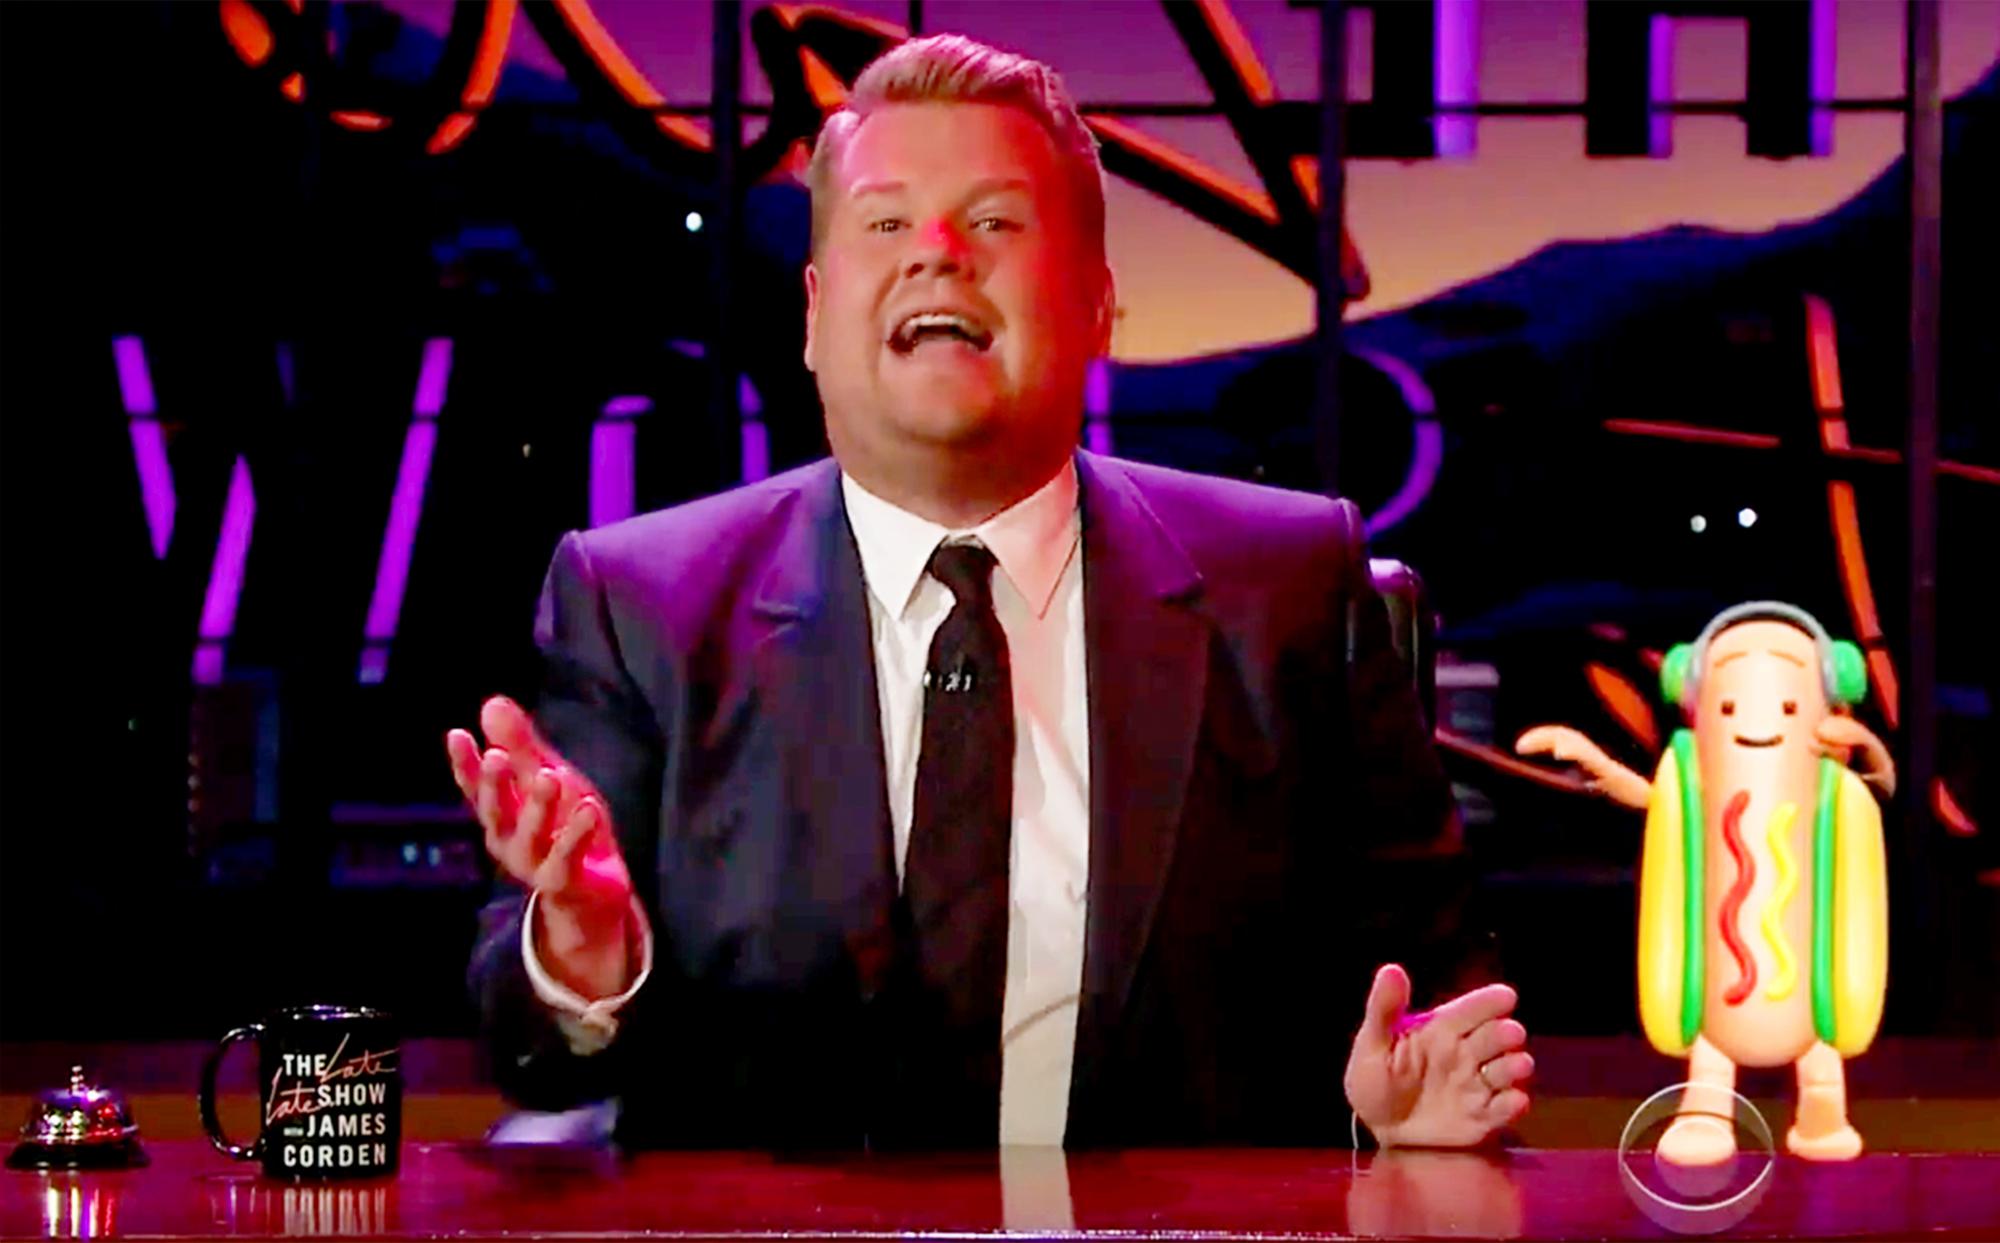 James Corden The Late Late Show Despacito